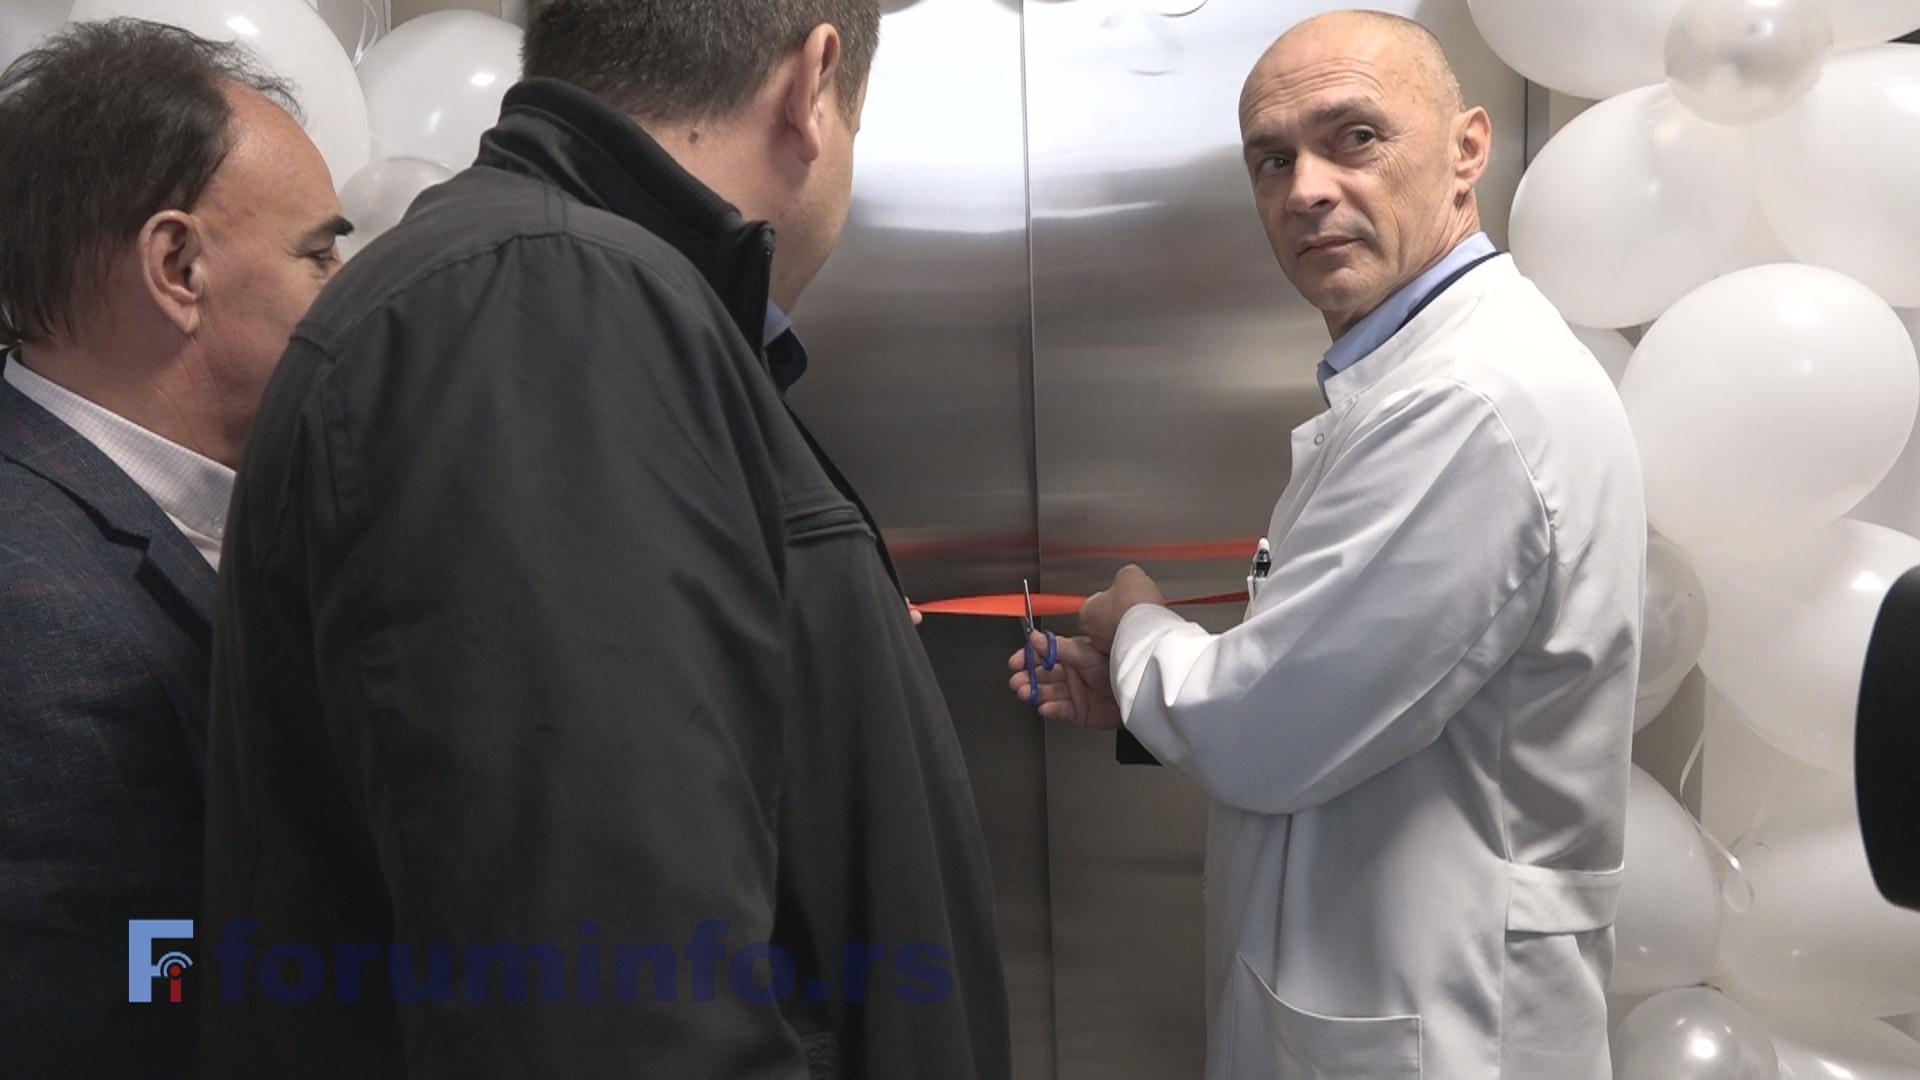 Свечано отворени лифтови који повезују интерно и хируршко одељење у Општој болници Пријепоље